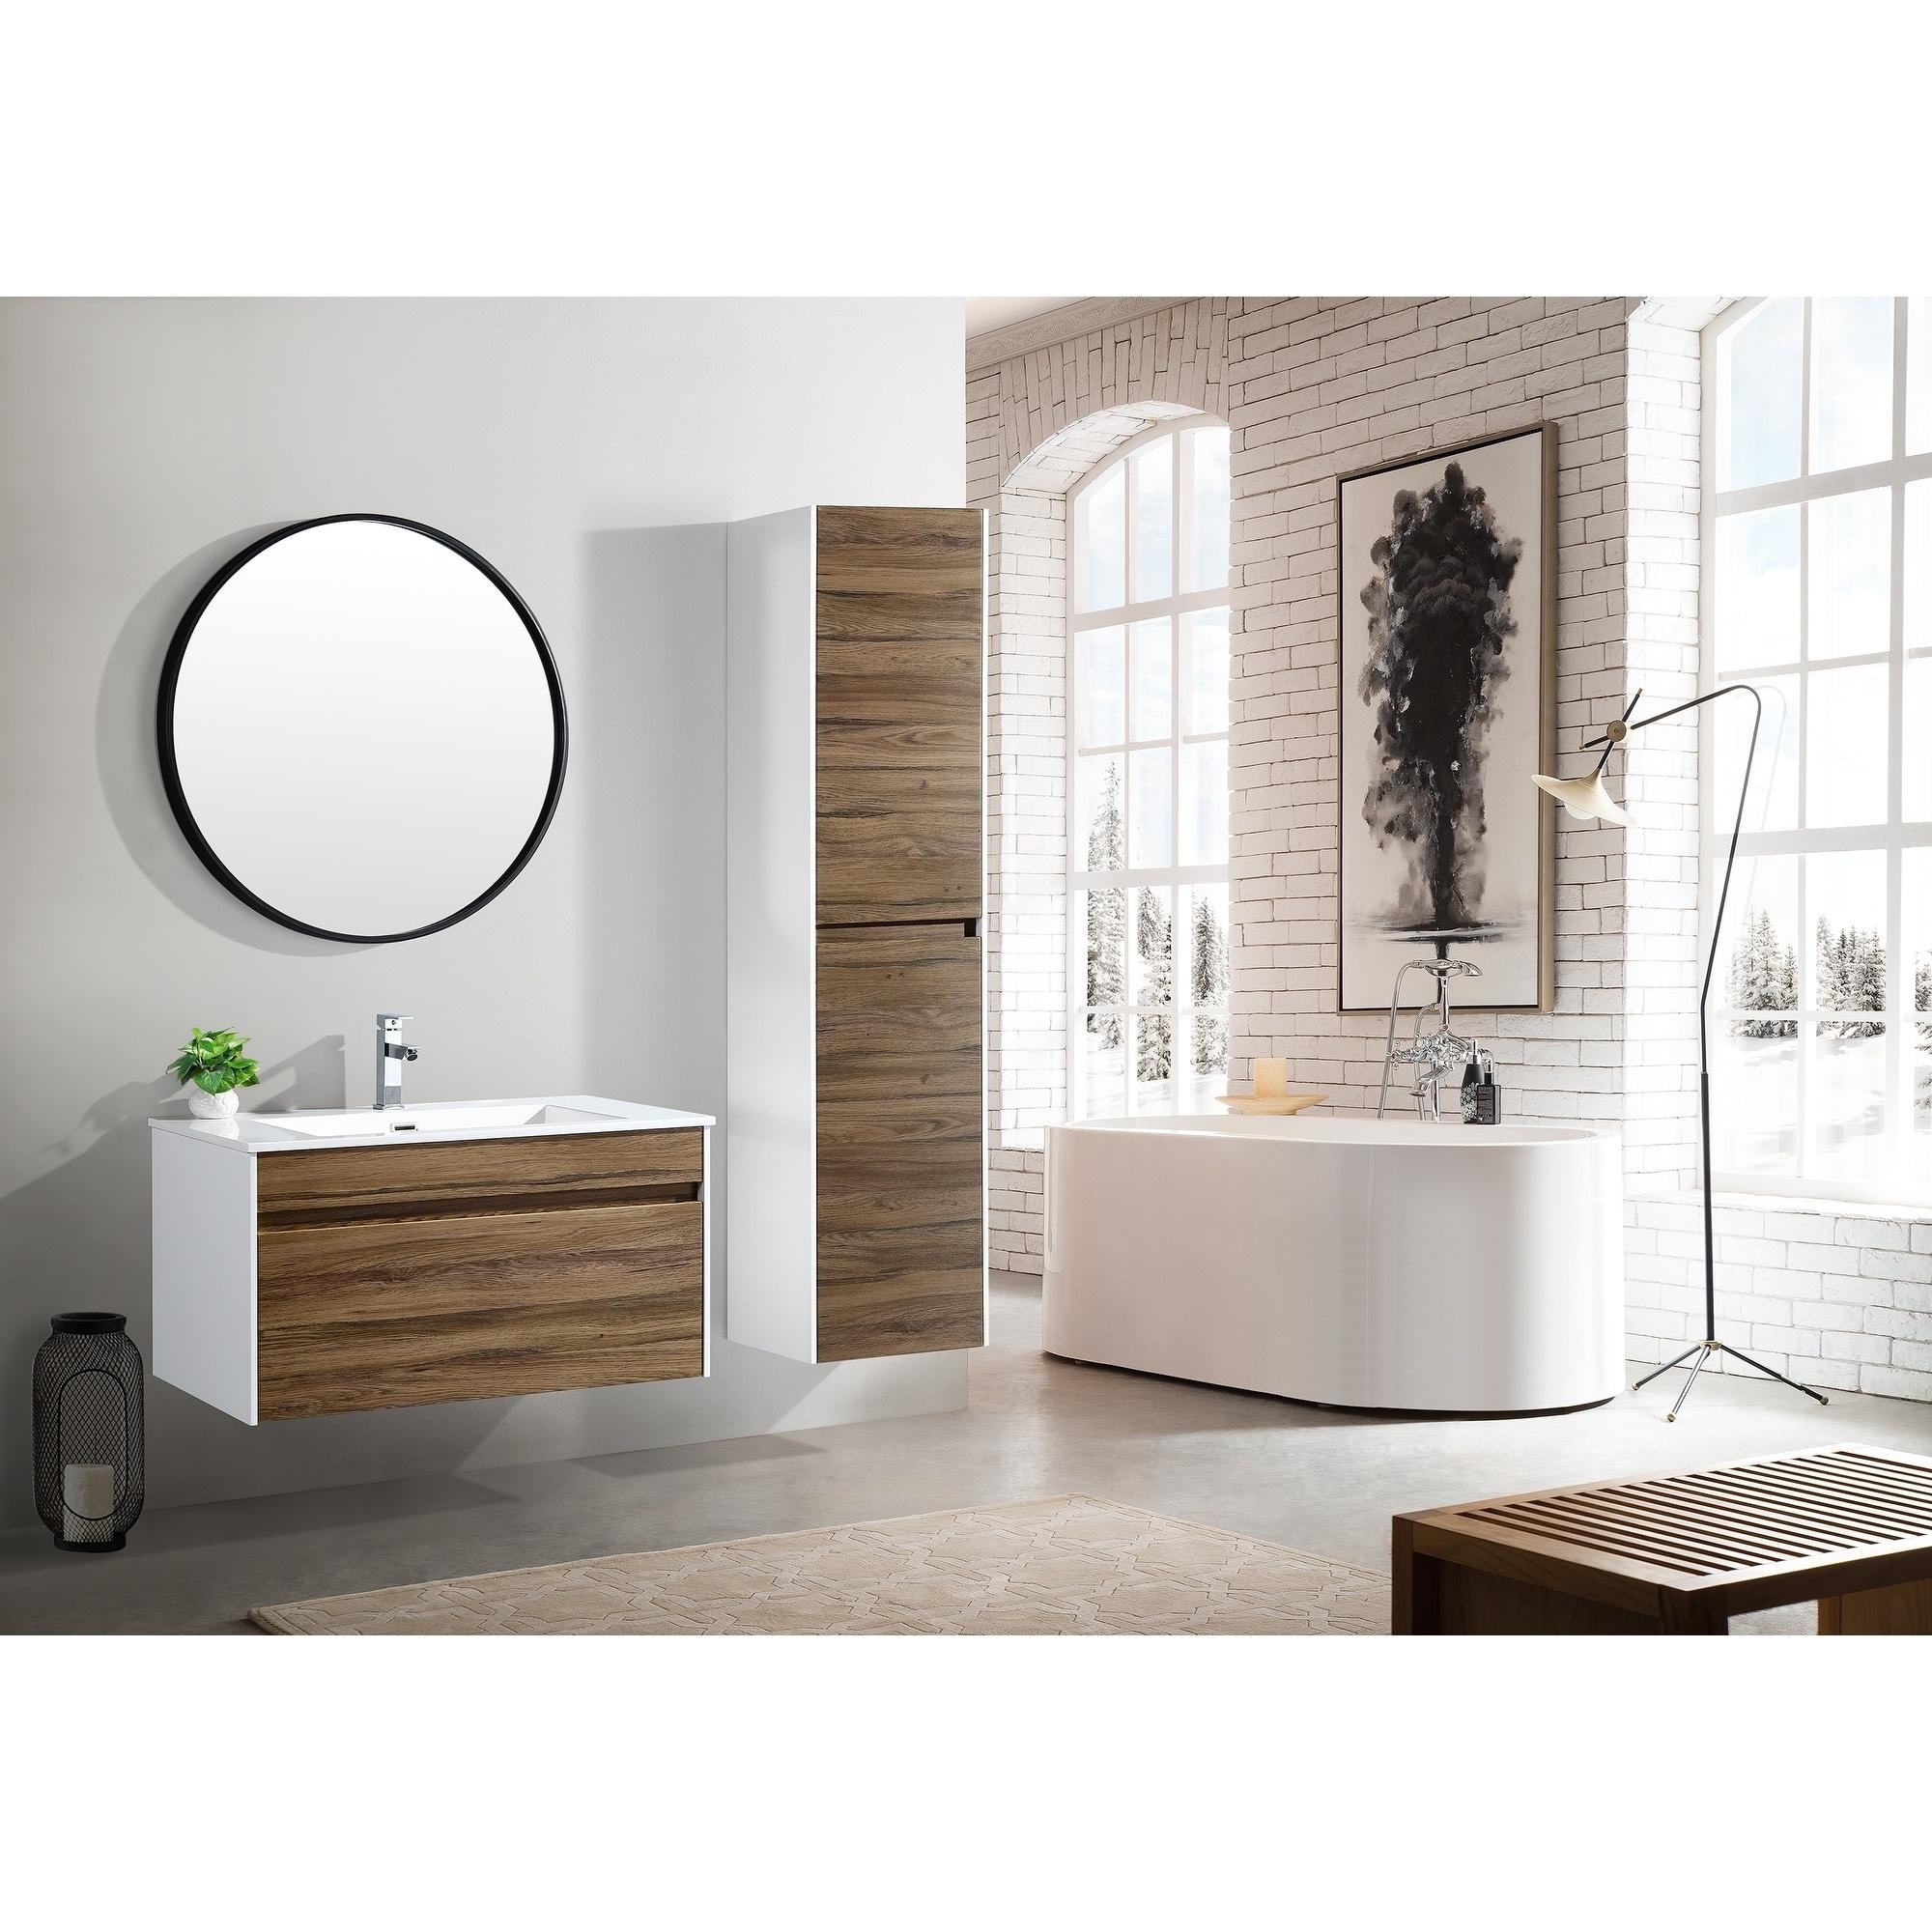 36 Inch Floating Modern Bathroom Vanity